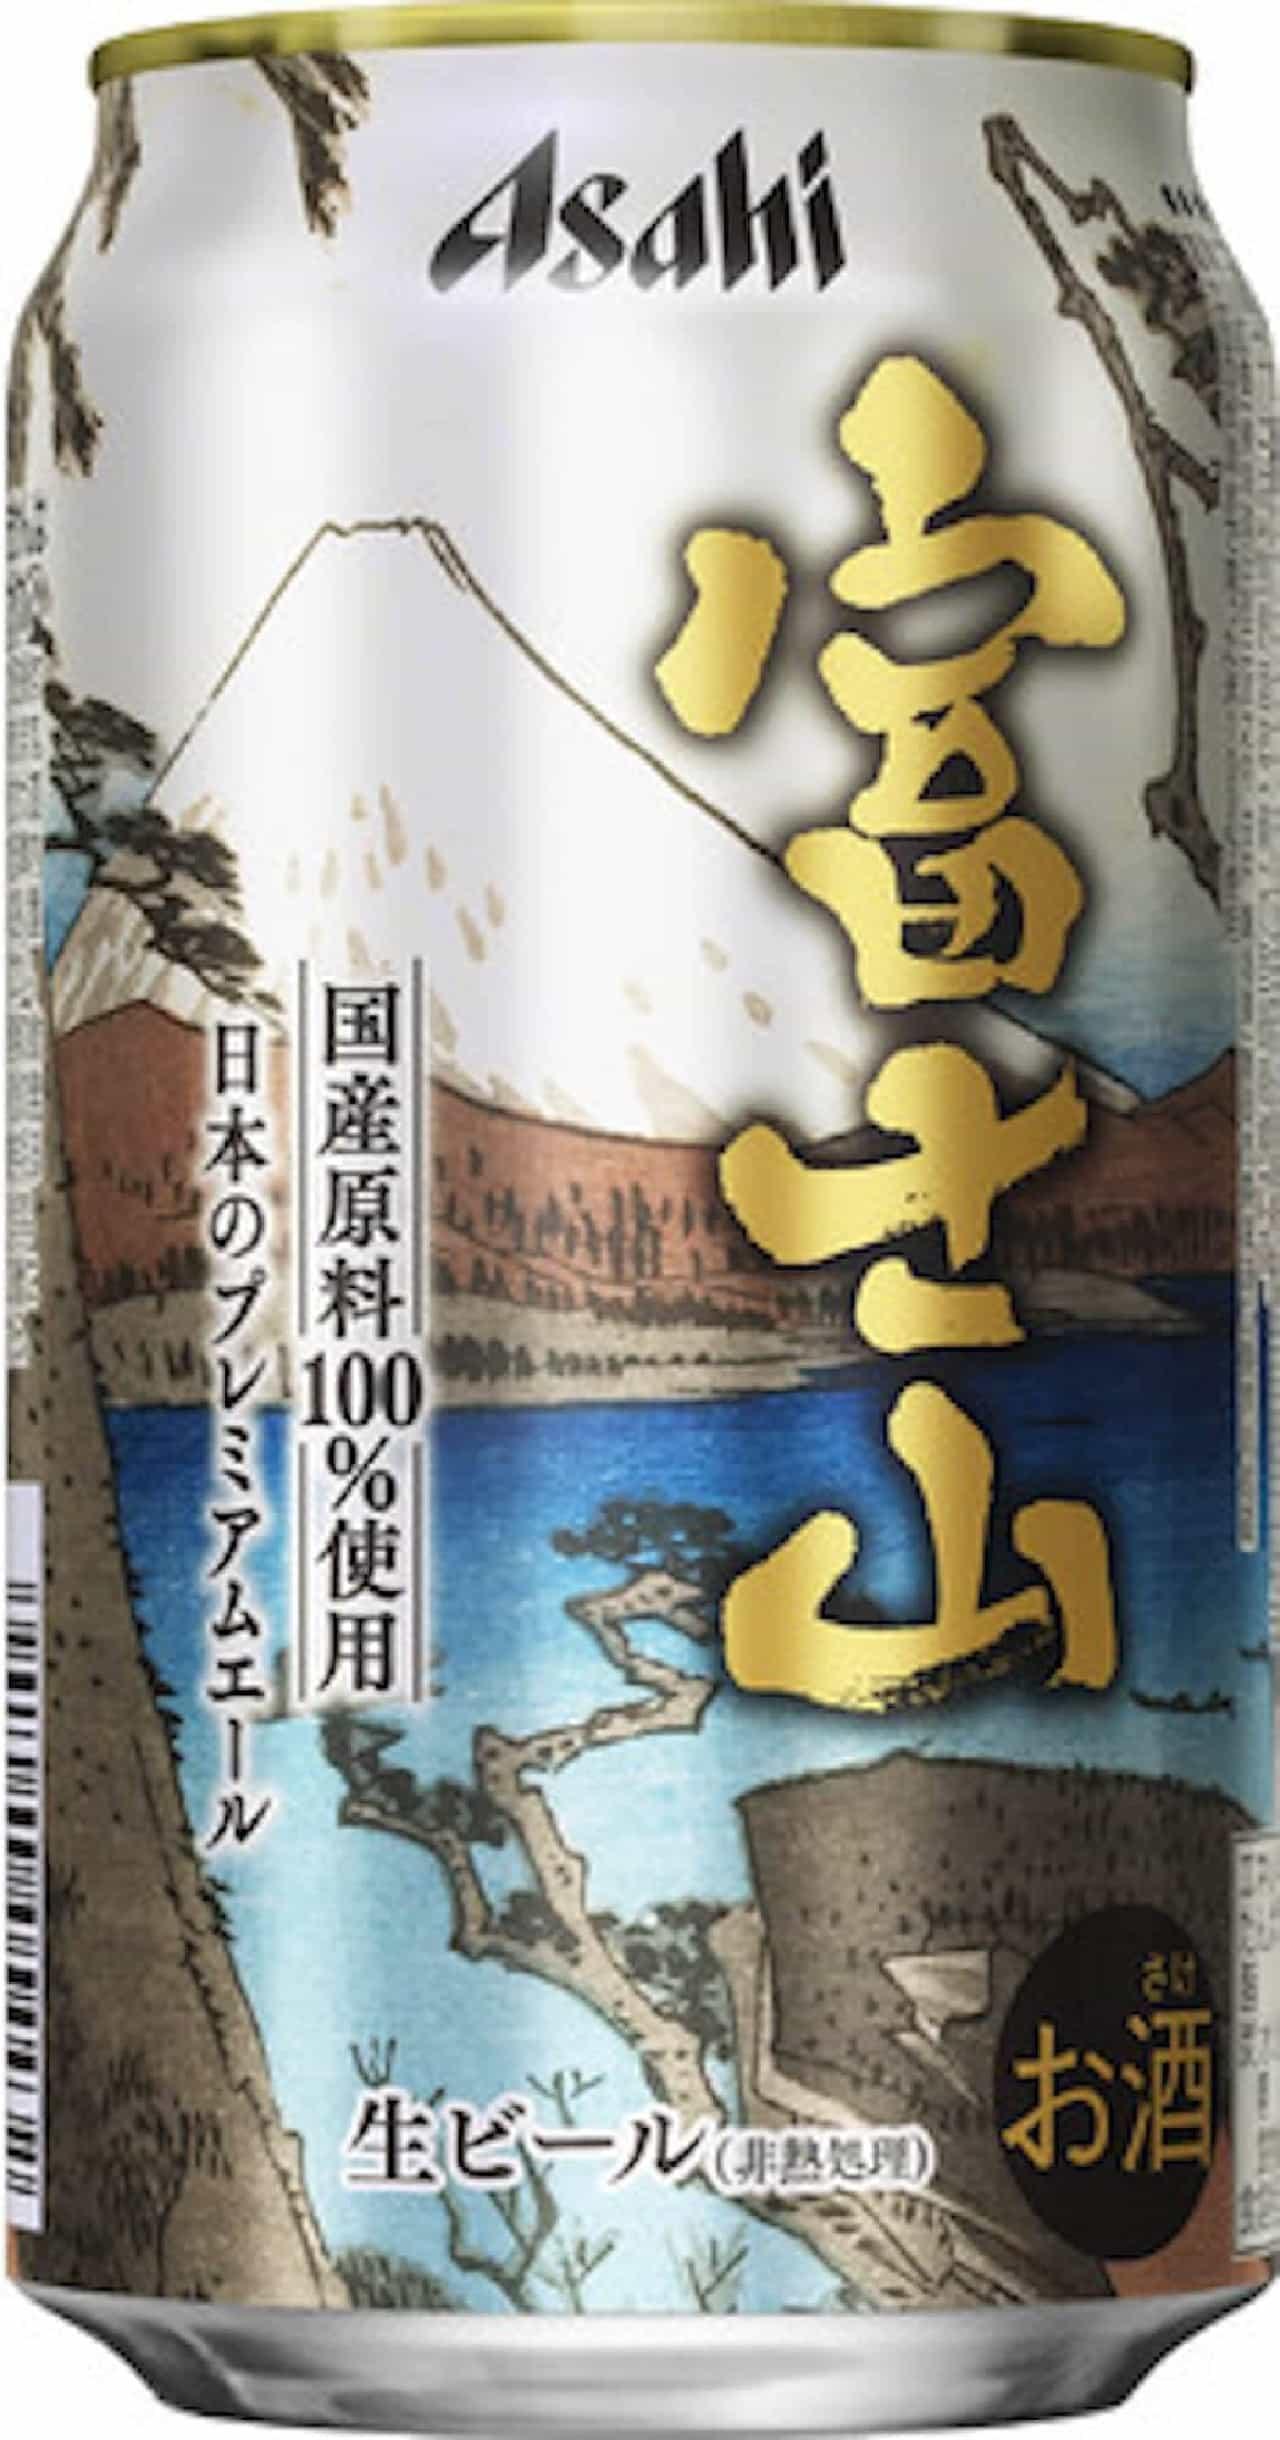 特別限定醸造「アサヒ富士山」まろやかな口あたり